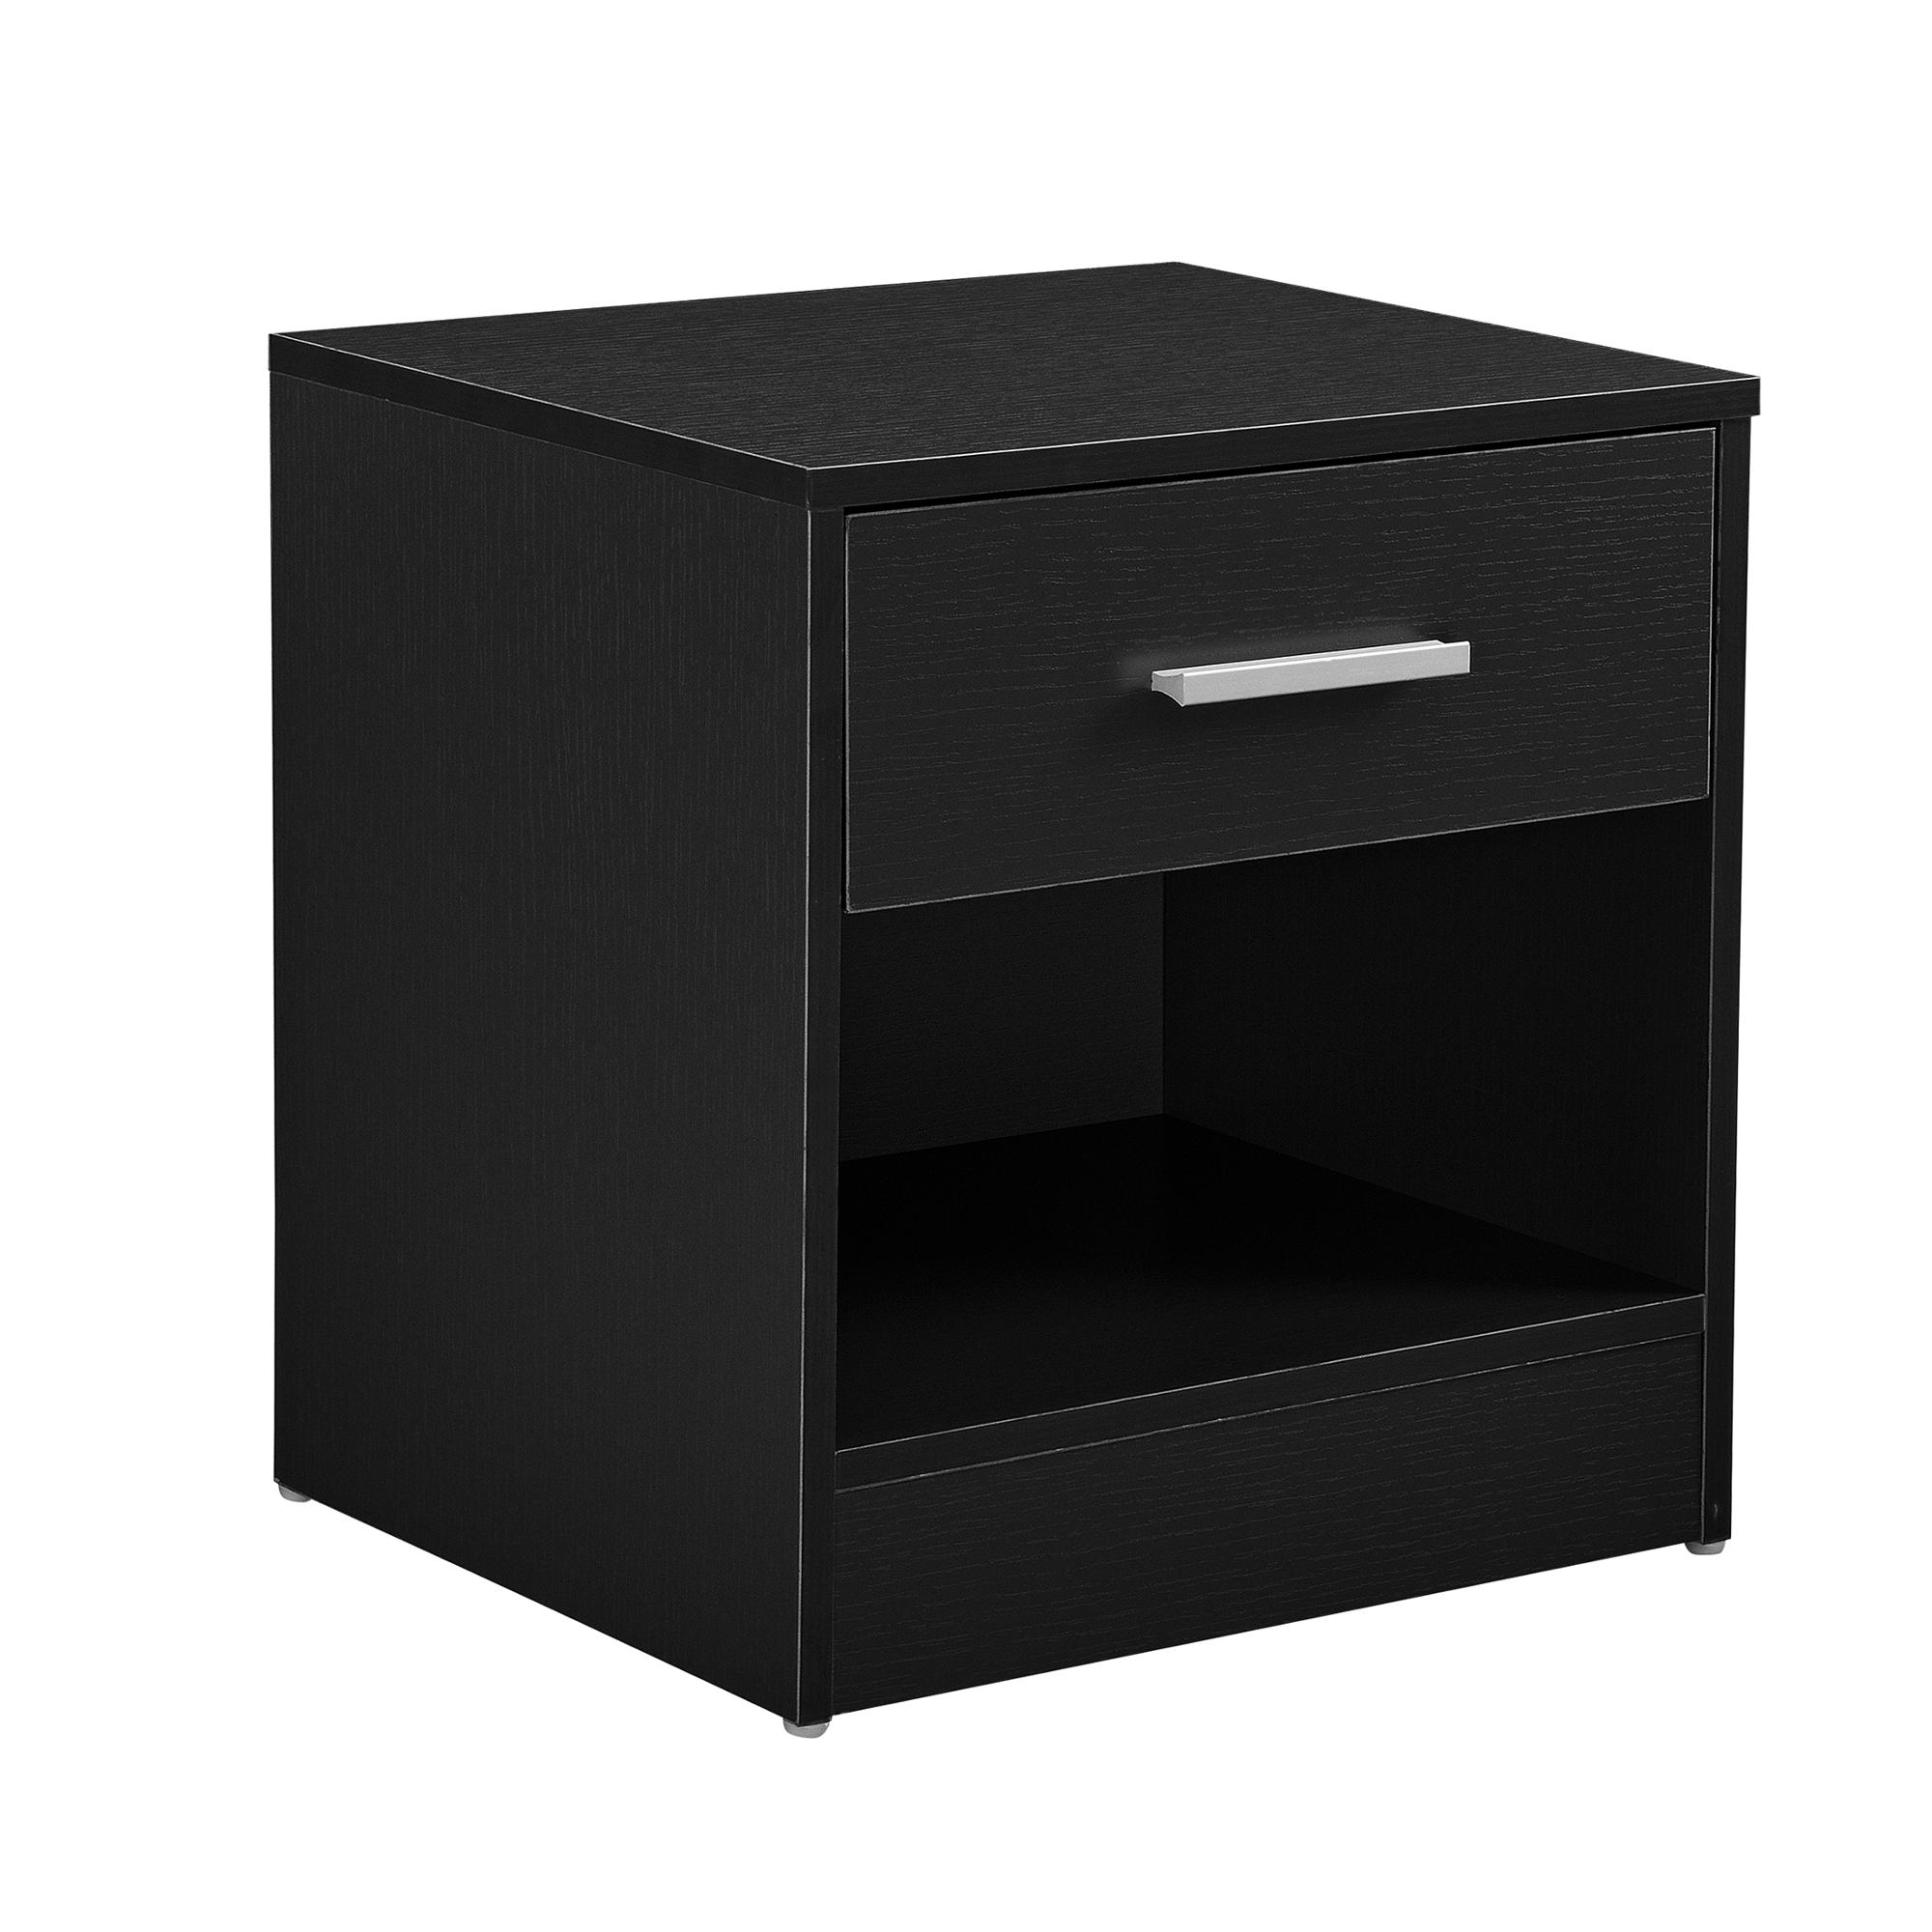 nachttisch schubladen nachtkommode beistelltisch schrank ablage b ro ebay. Black Bedroom Furniture Sets. Home Design Ideas